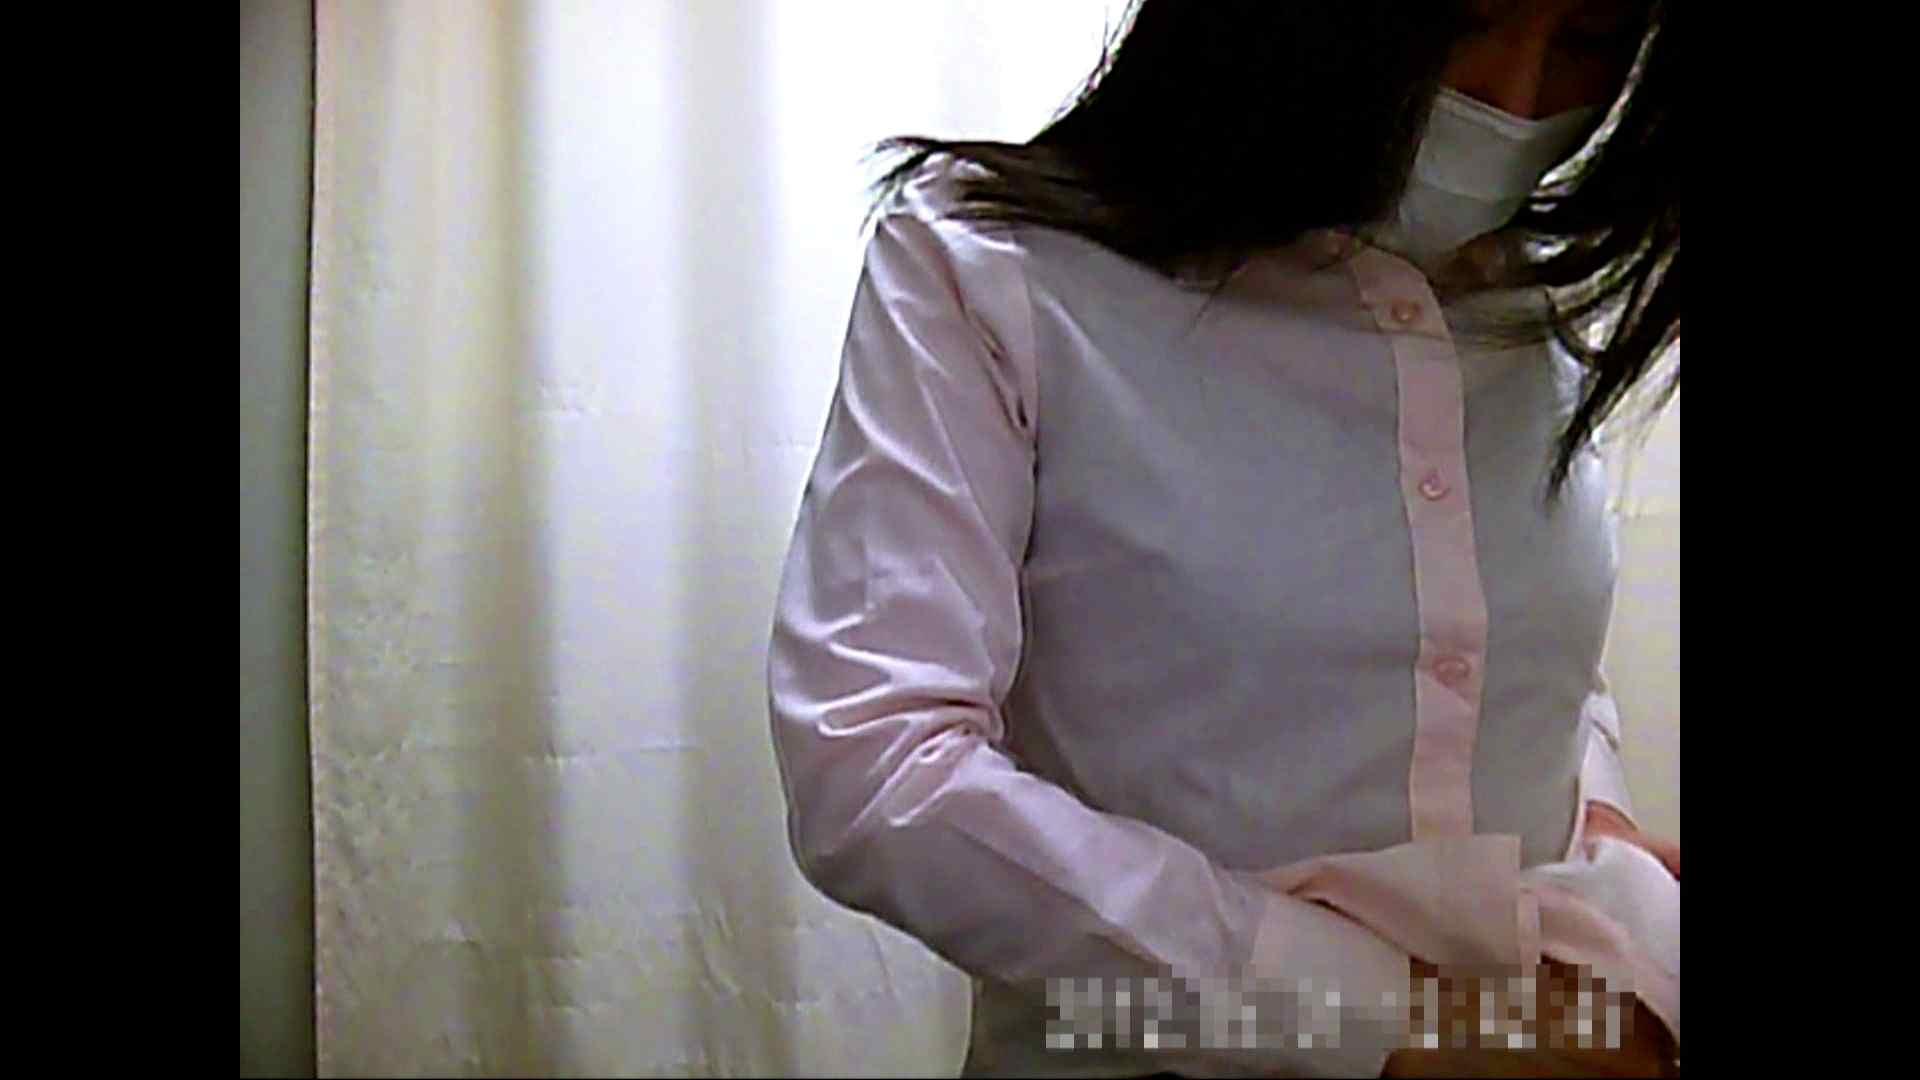 元医者による反抗 更衣室地獄絵巻 vol.004 お姉さん  104PIX 24